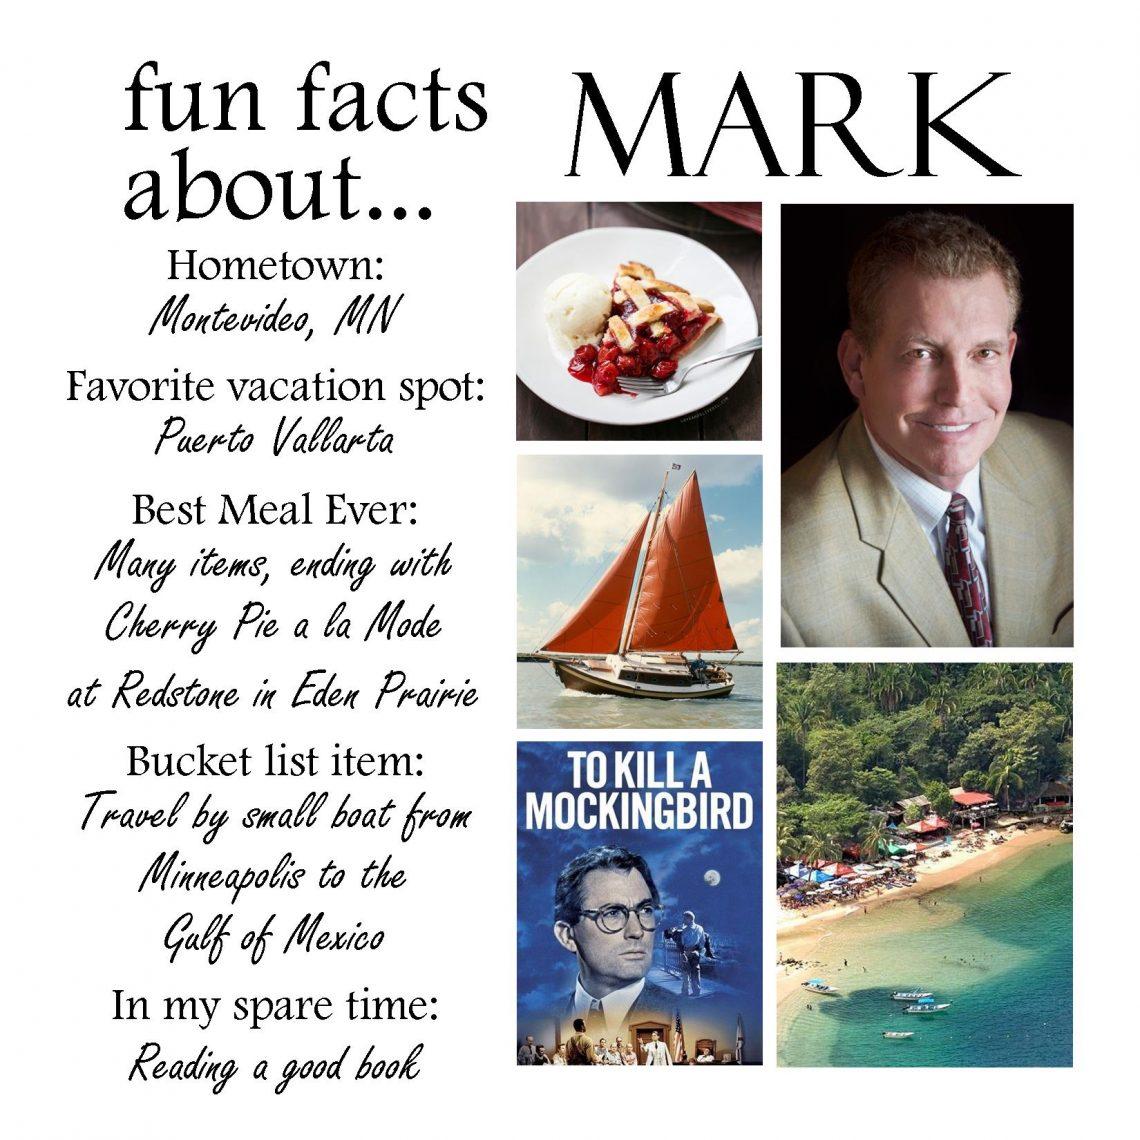 mark fun fact - Copy